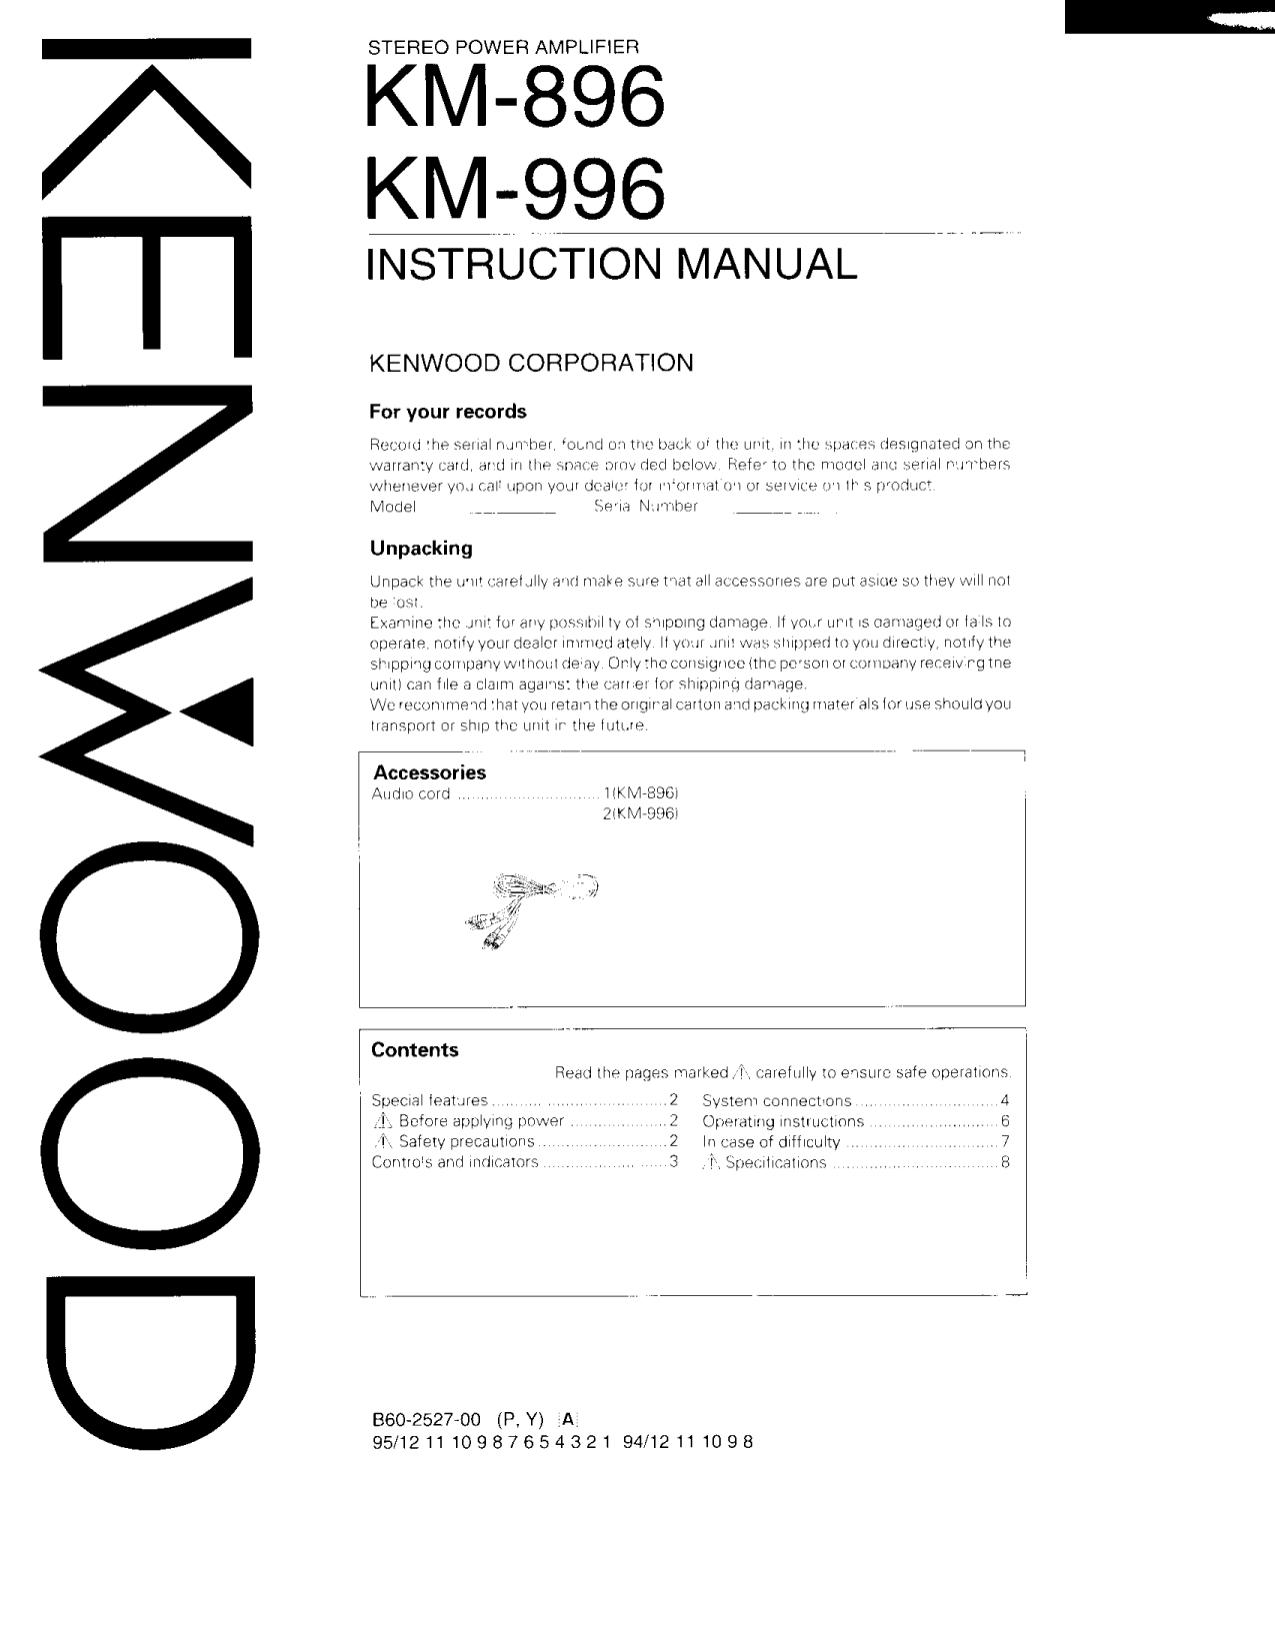 pdf for Kenwood Amp KA-996 manual